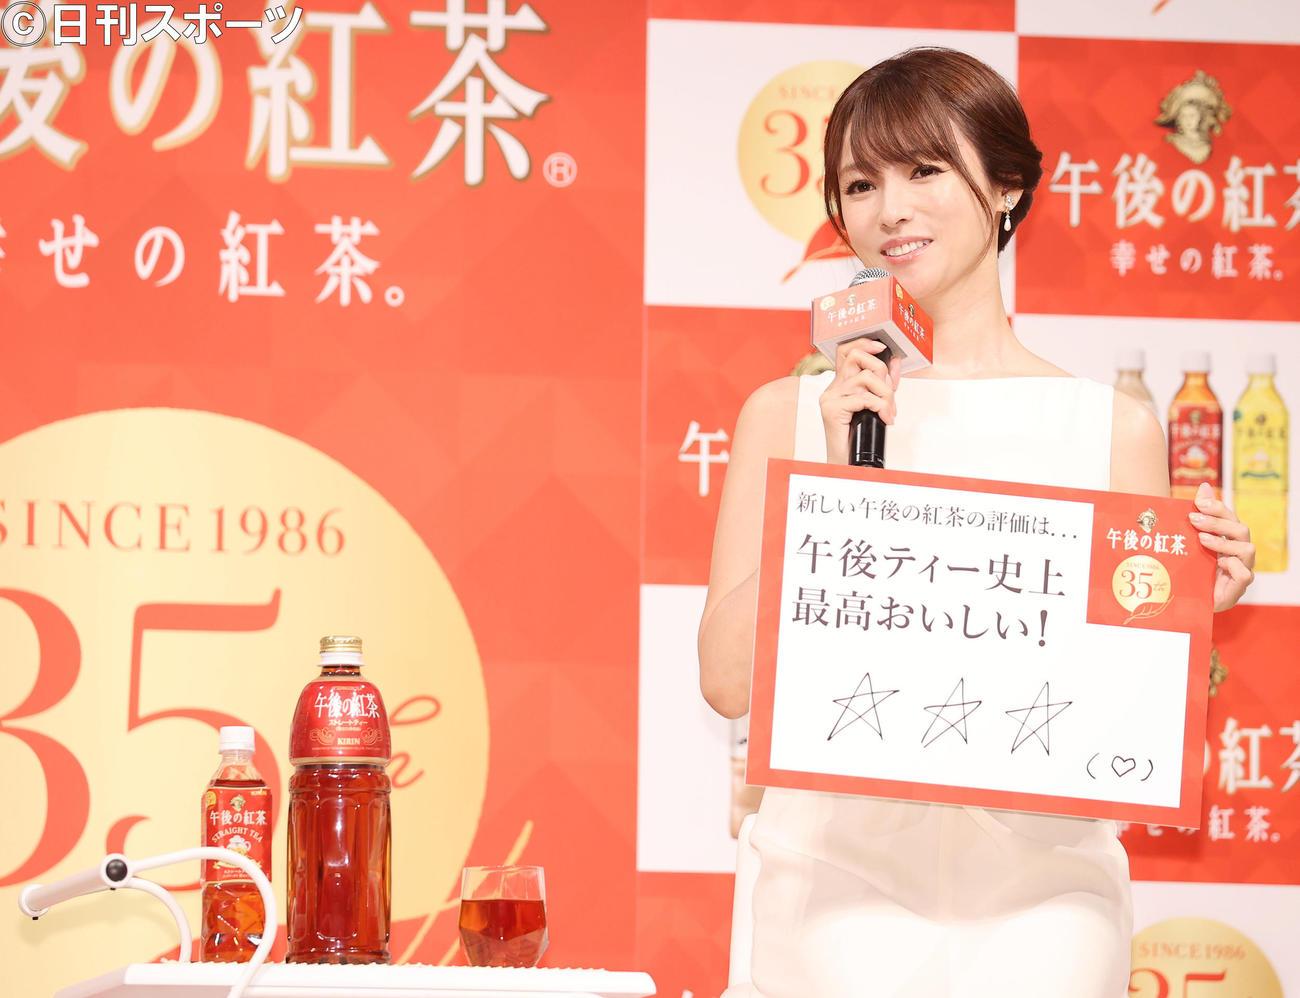 フリップに味の評価を「☆3つ」と記し笑顔を見せる深田恭子